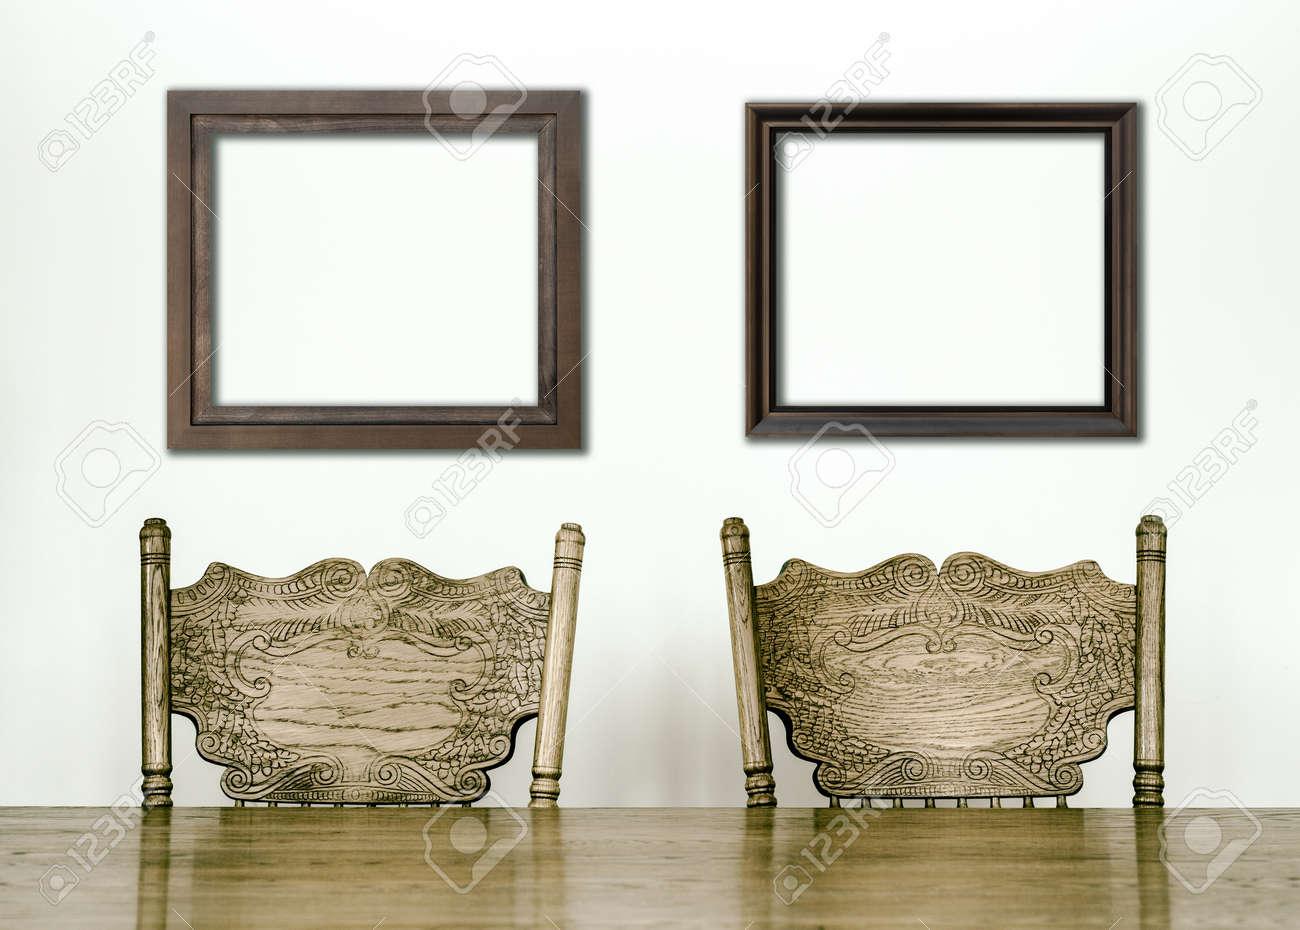 banque d images tables et chaises de salle a manger details en bois et cadres vierges pour votre texte image ou un logo ou meme des photos de famille